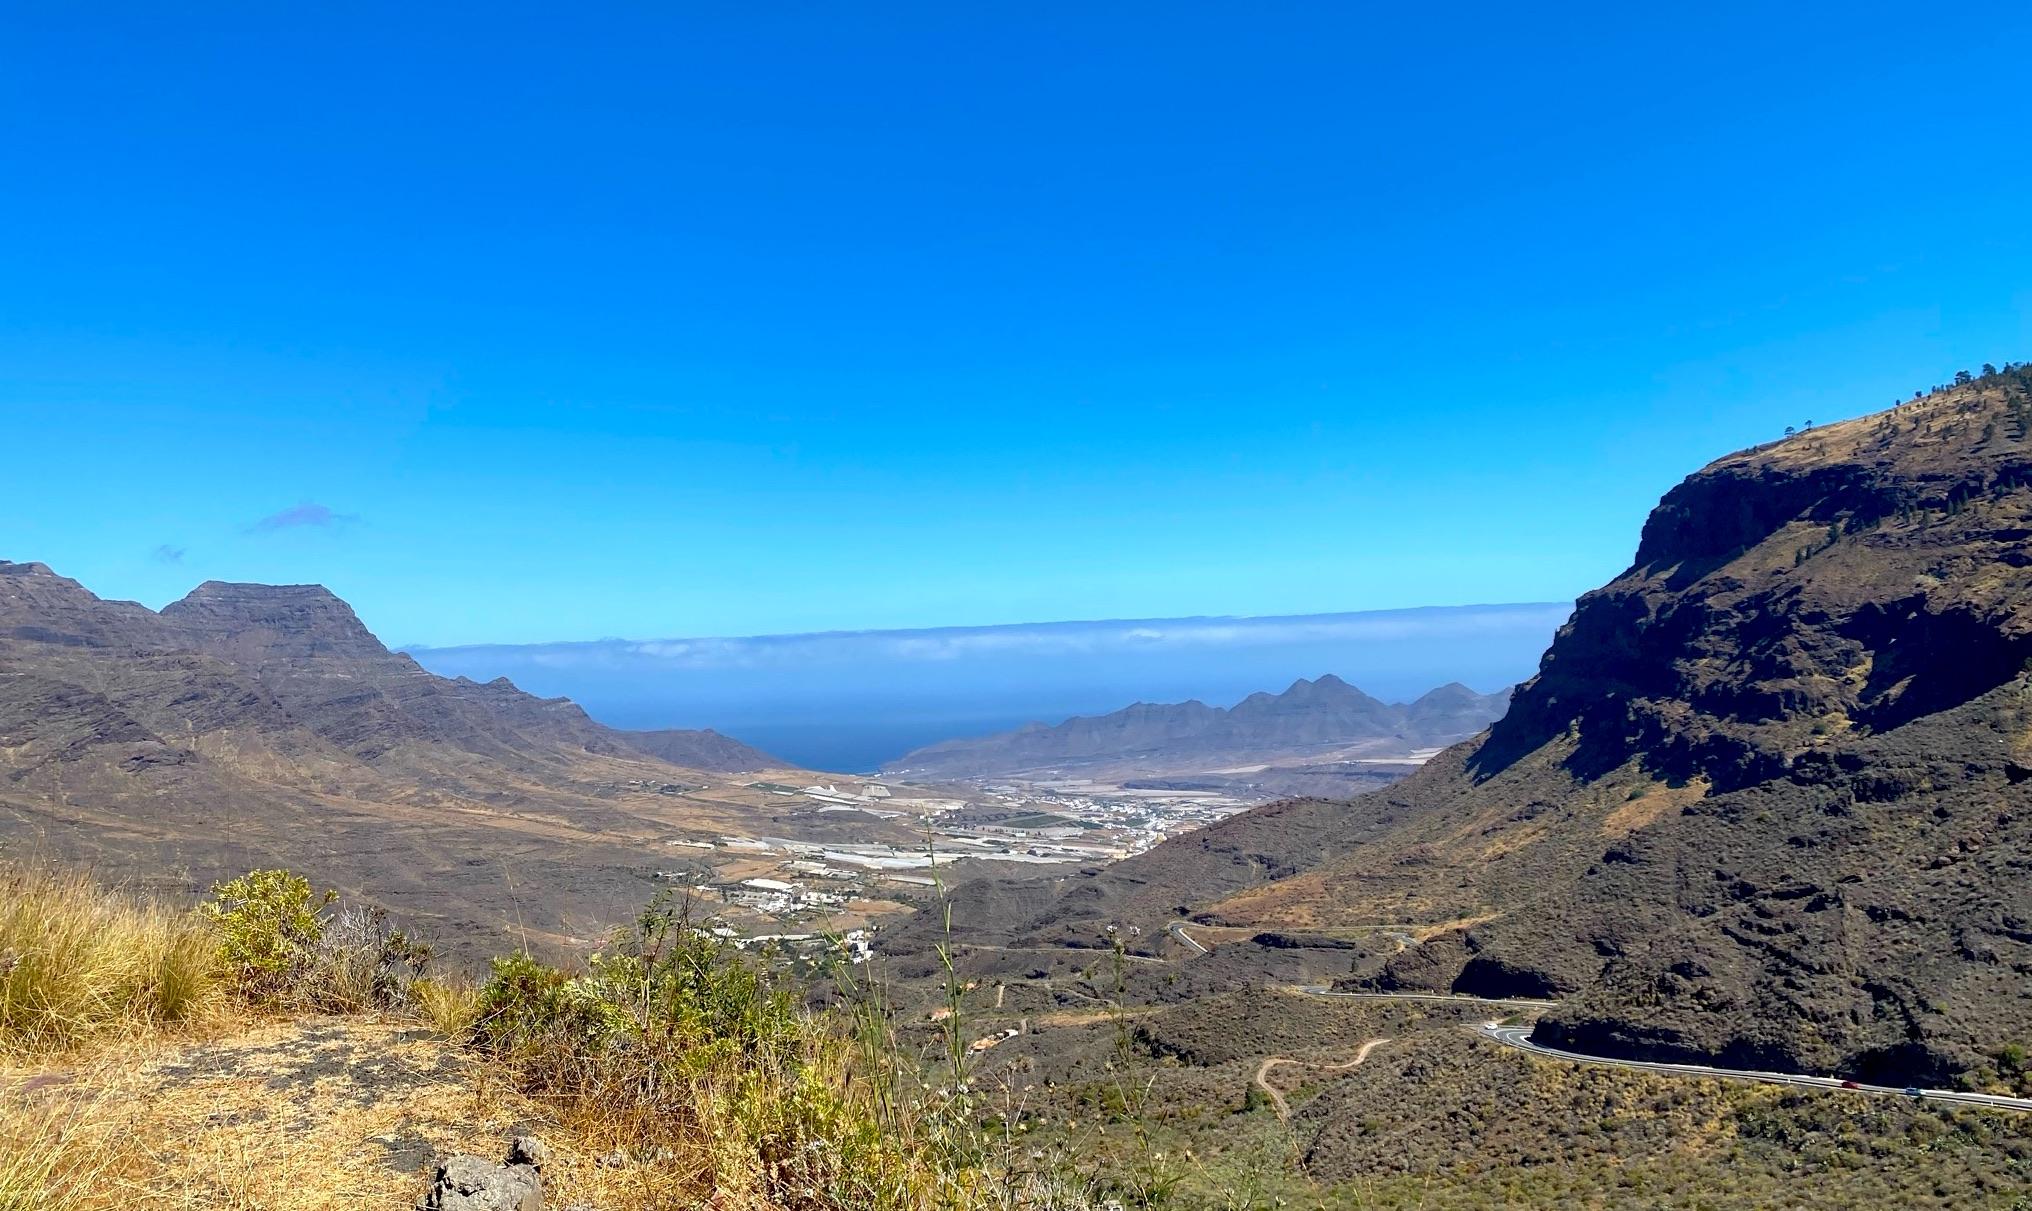 Ausblick von einer Straße auf die Berge und das Meer auf Gran Canaria